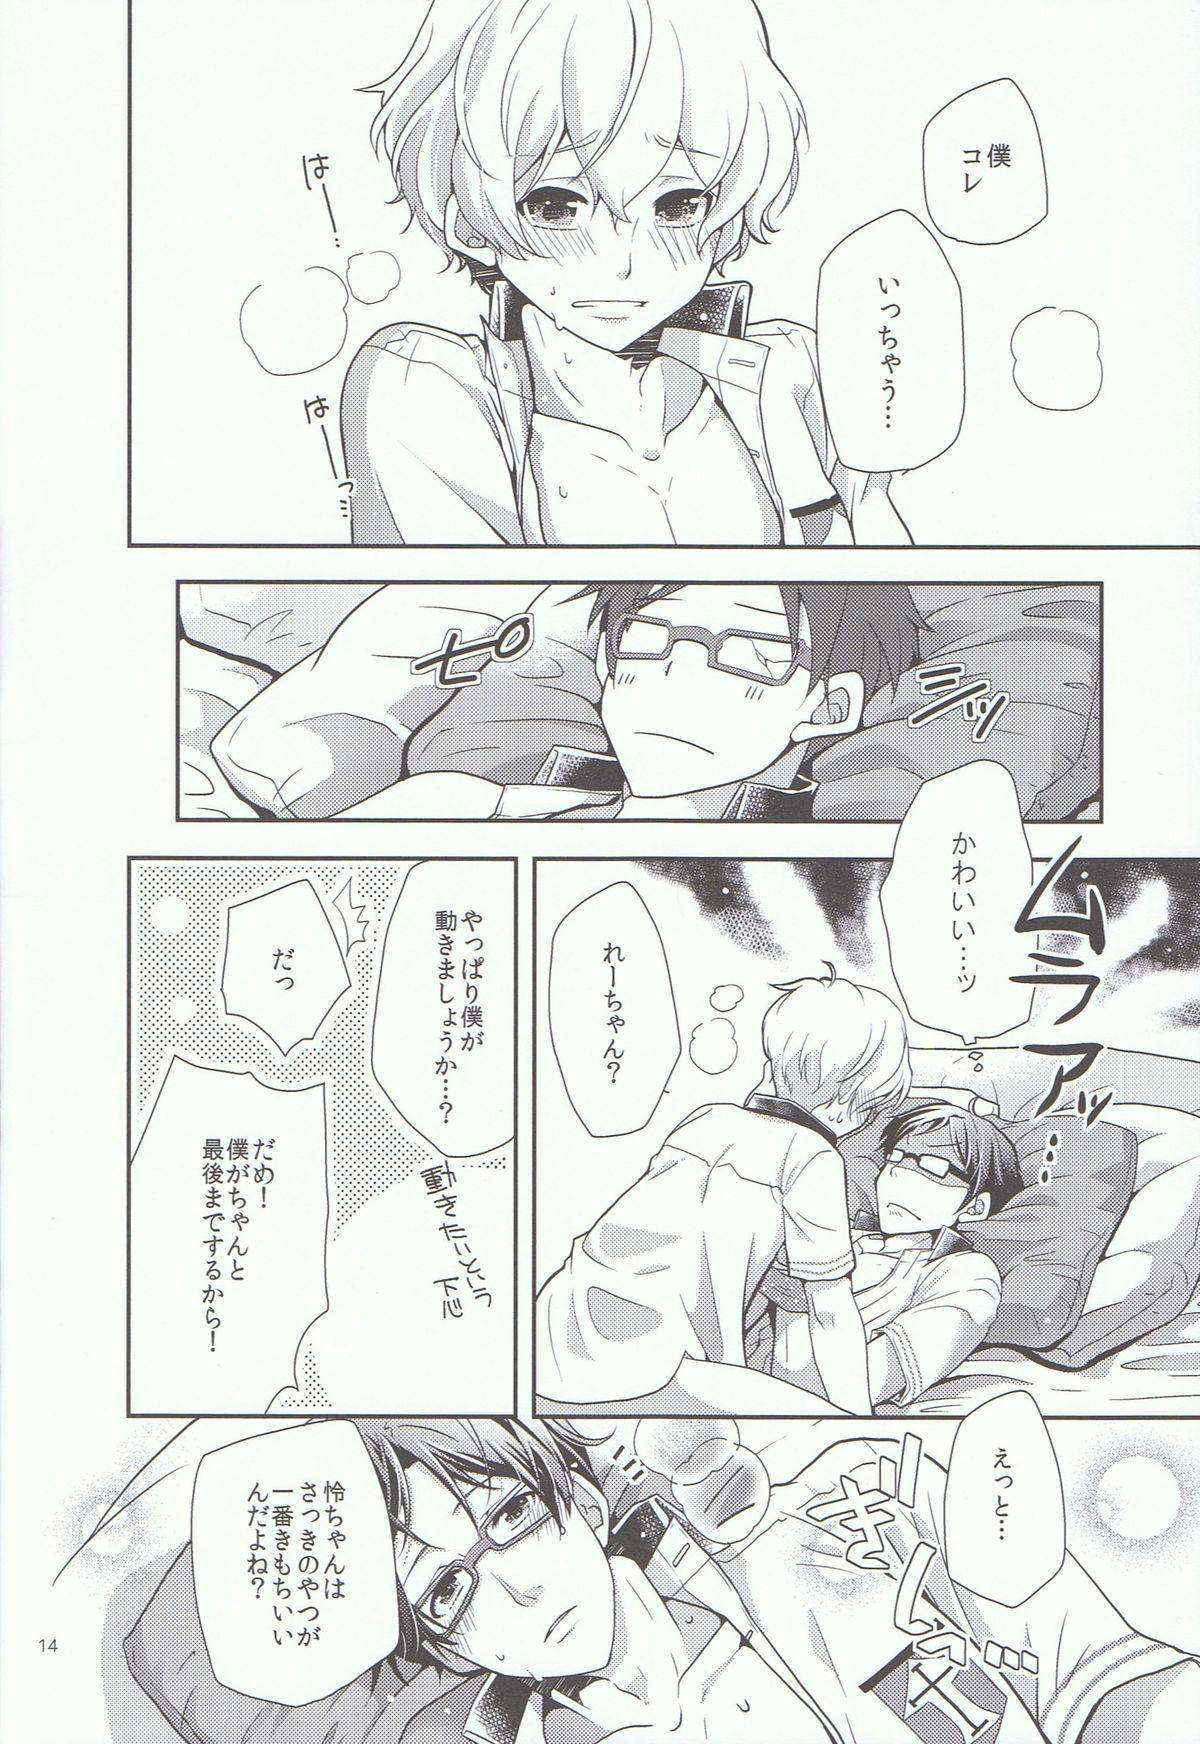 Kimi to Issho nara Itsudemo Kimochi ga Ii. 12